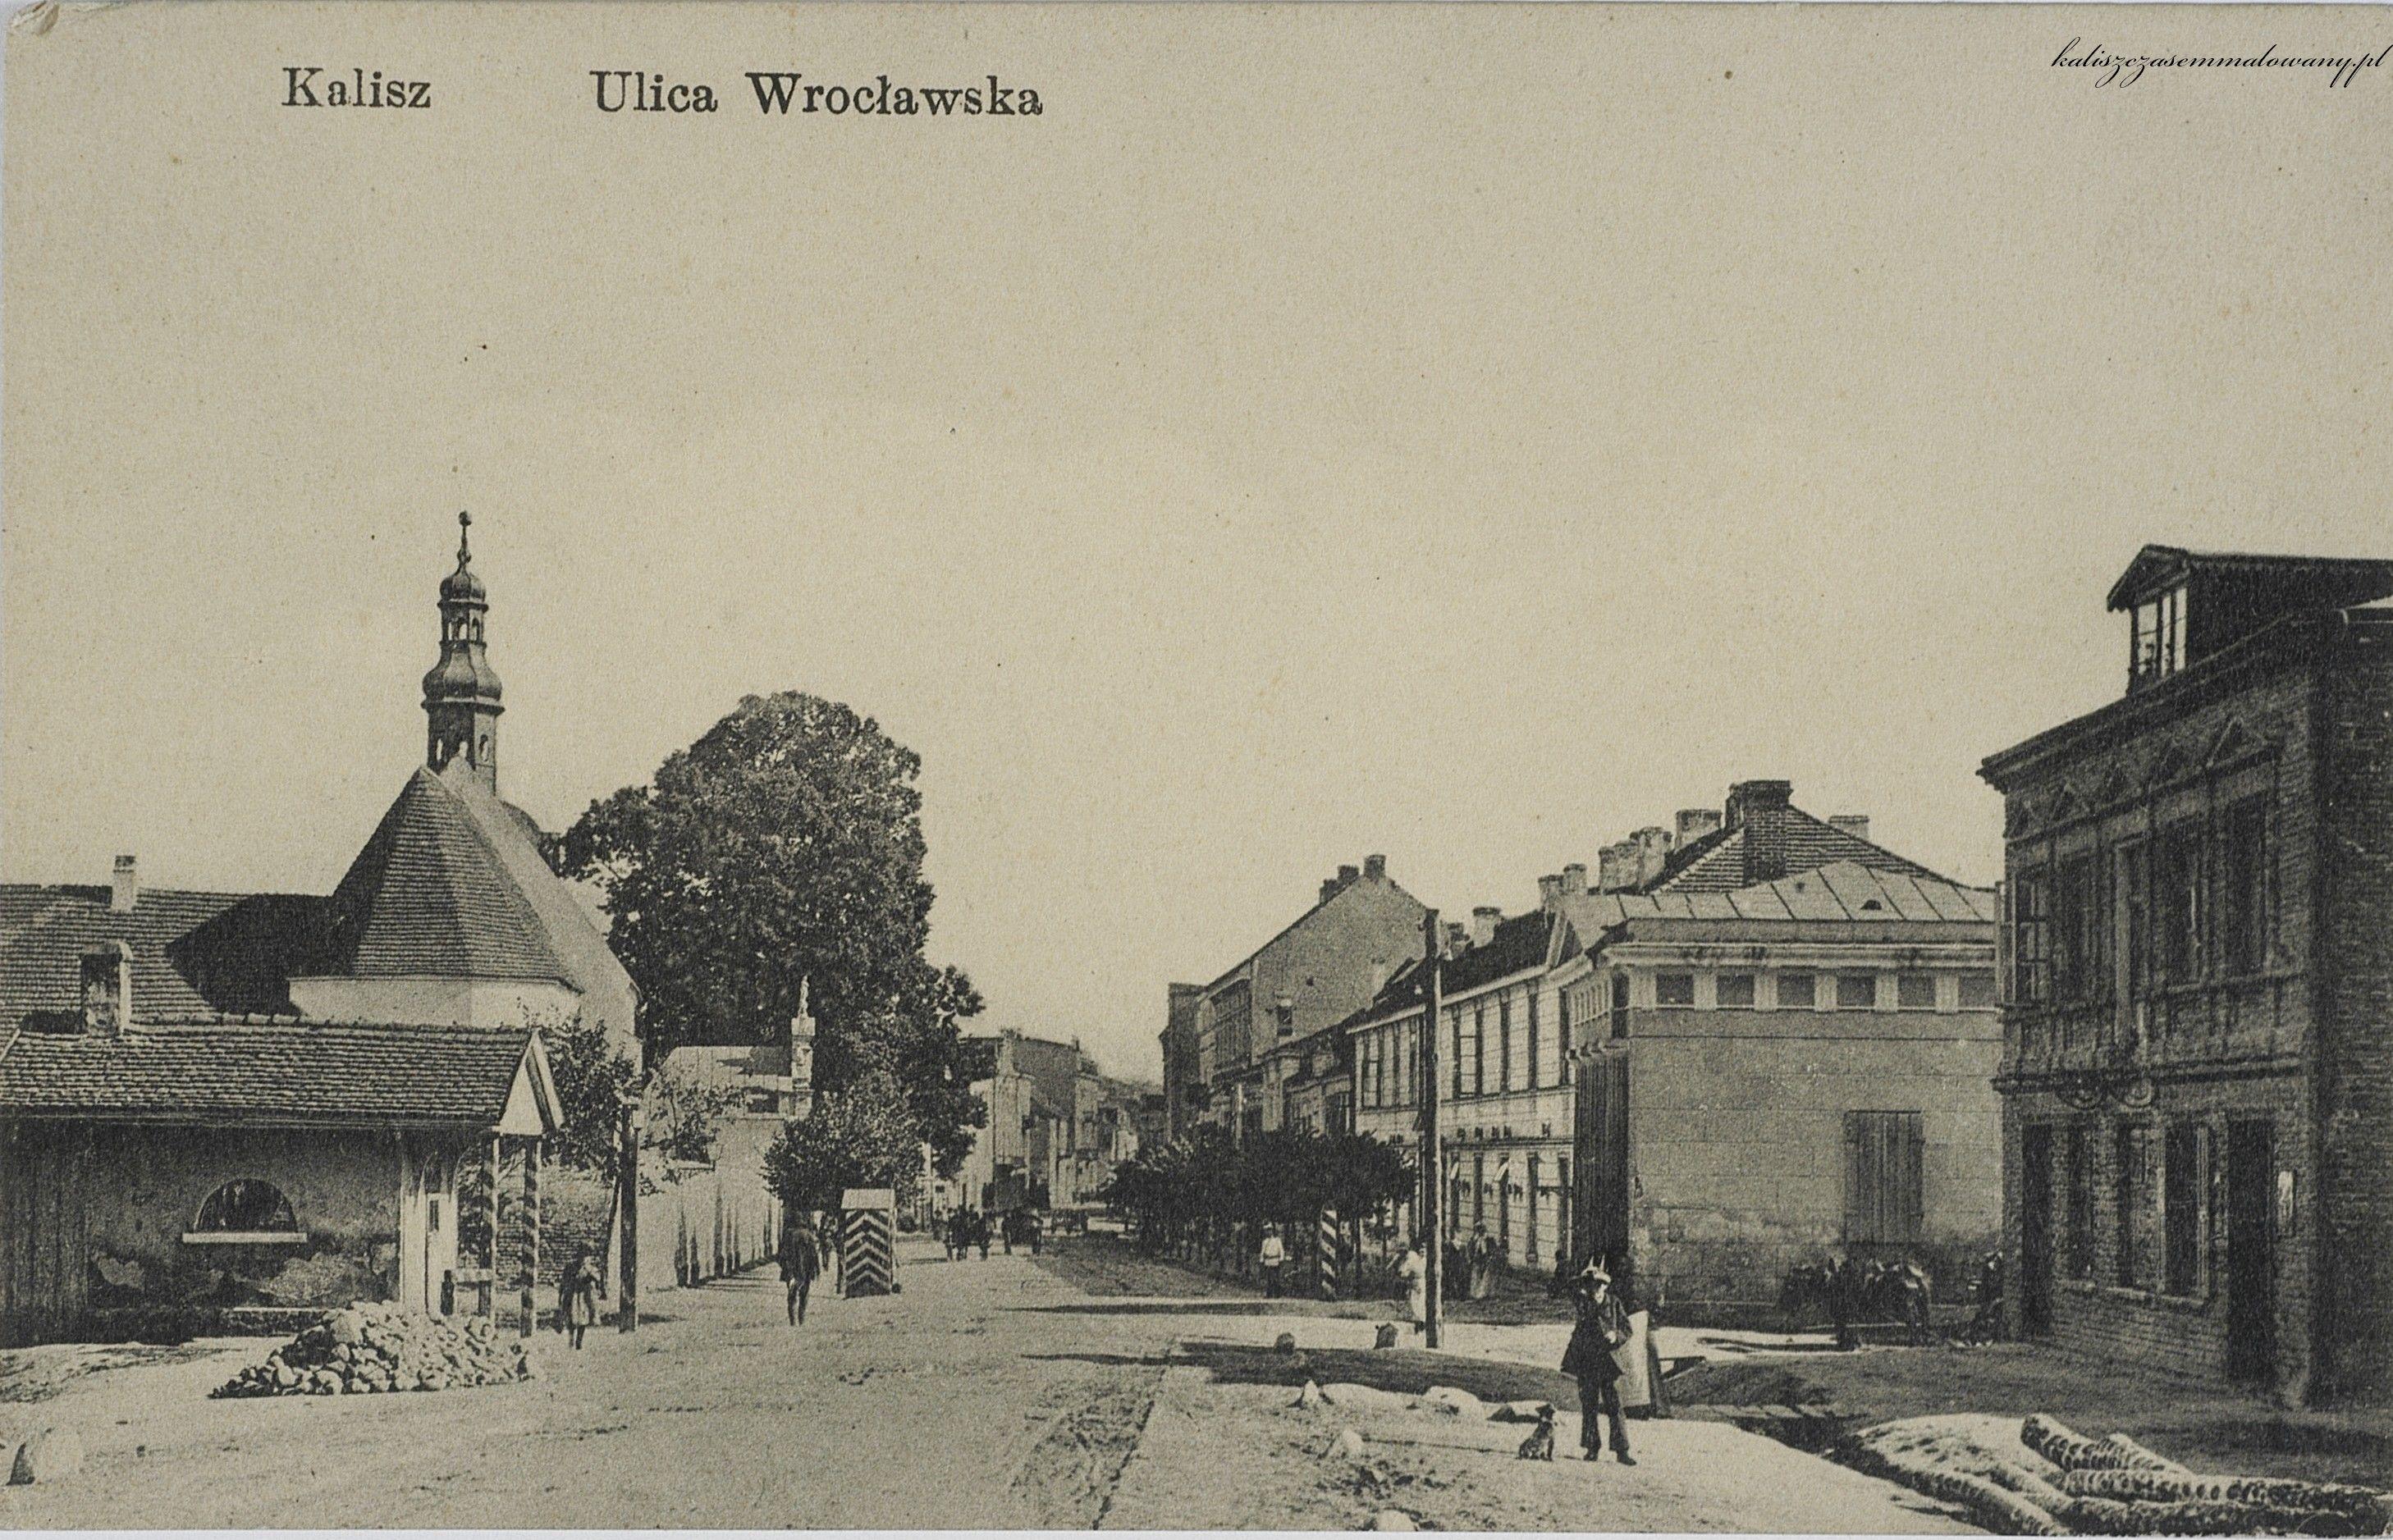 Ulica Wroclawska 2